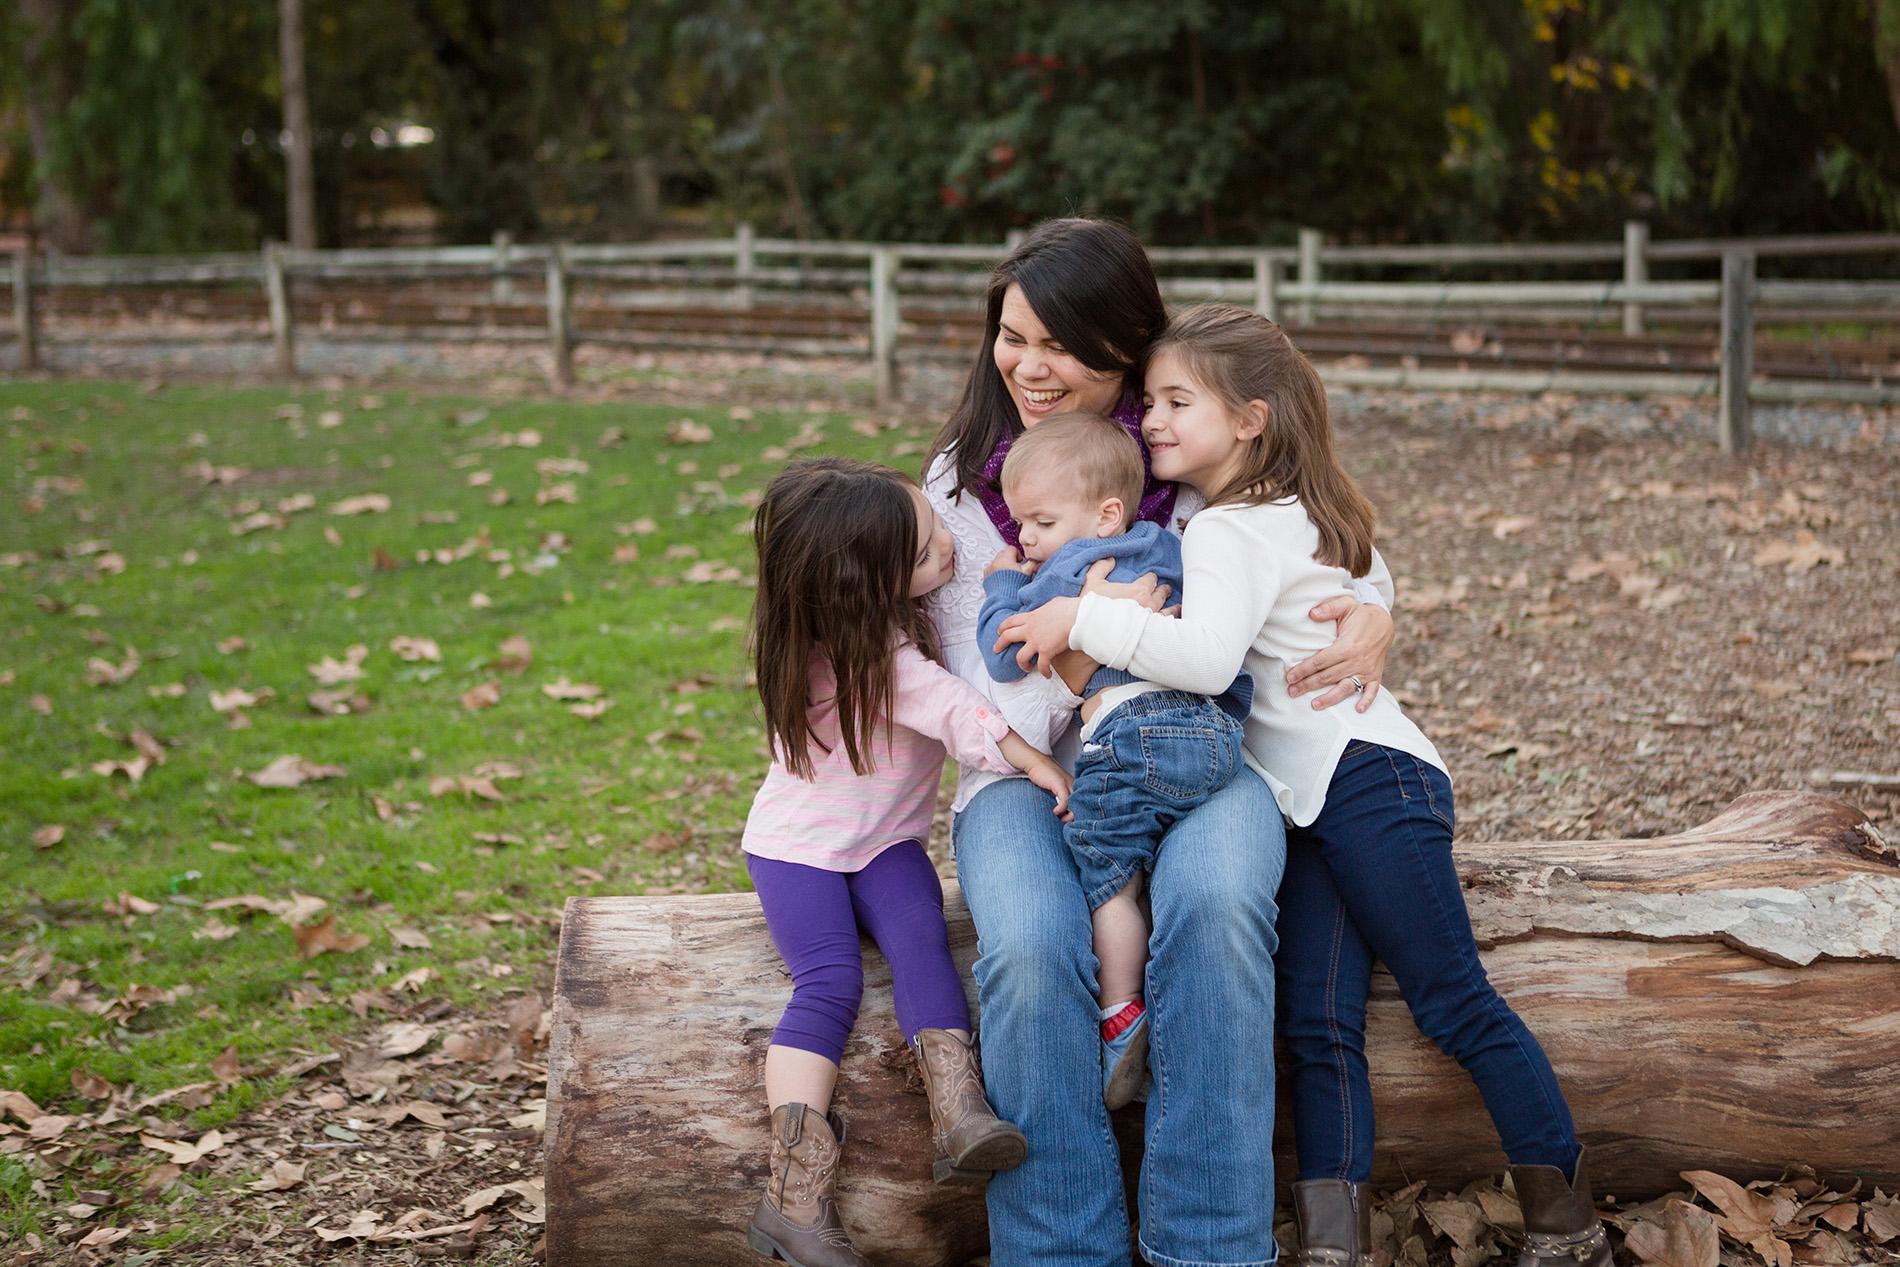 San Diego Family Photographer Christine Dammann Photography RF204